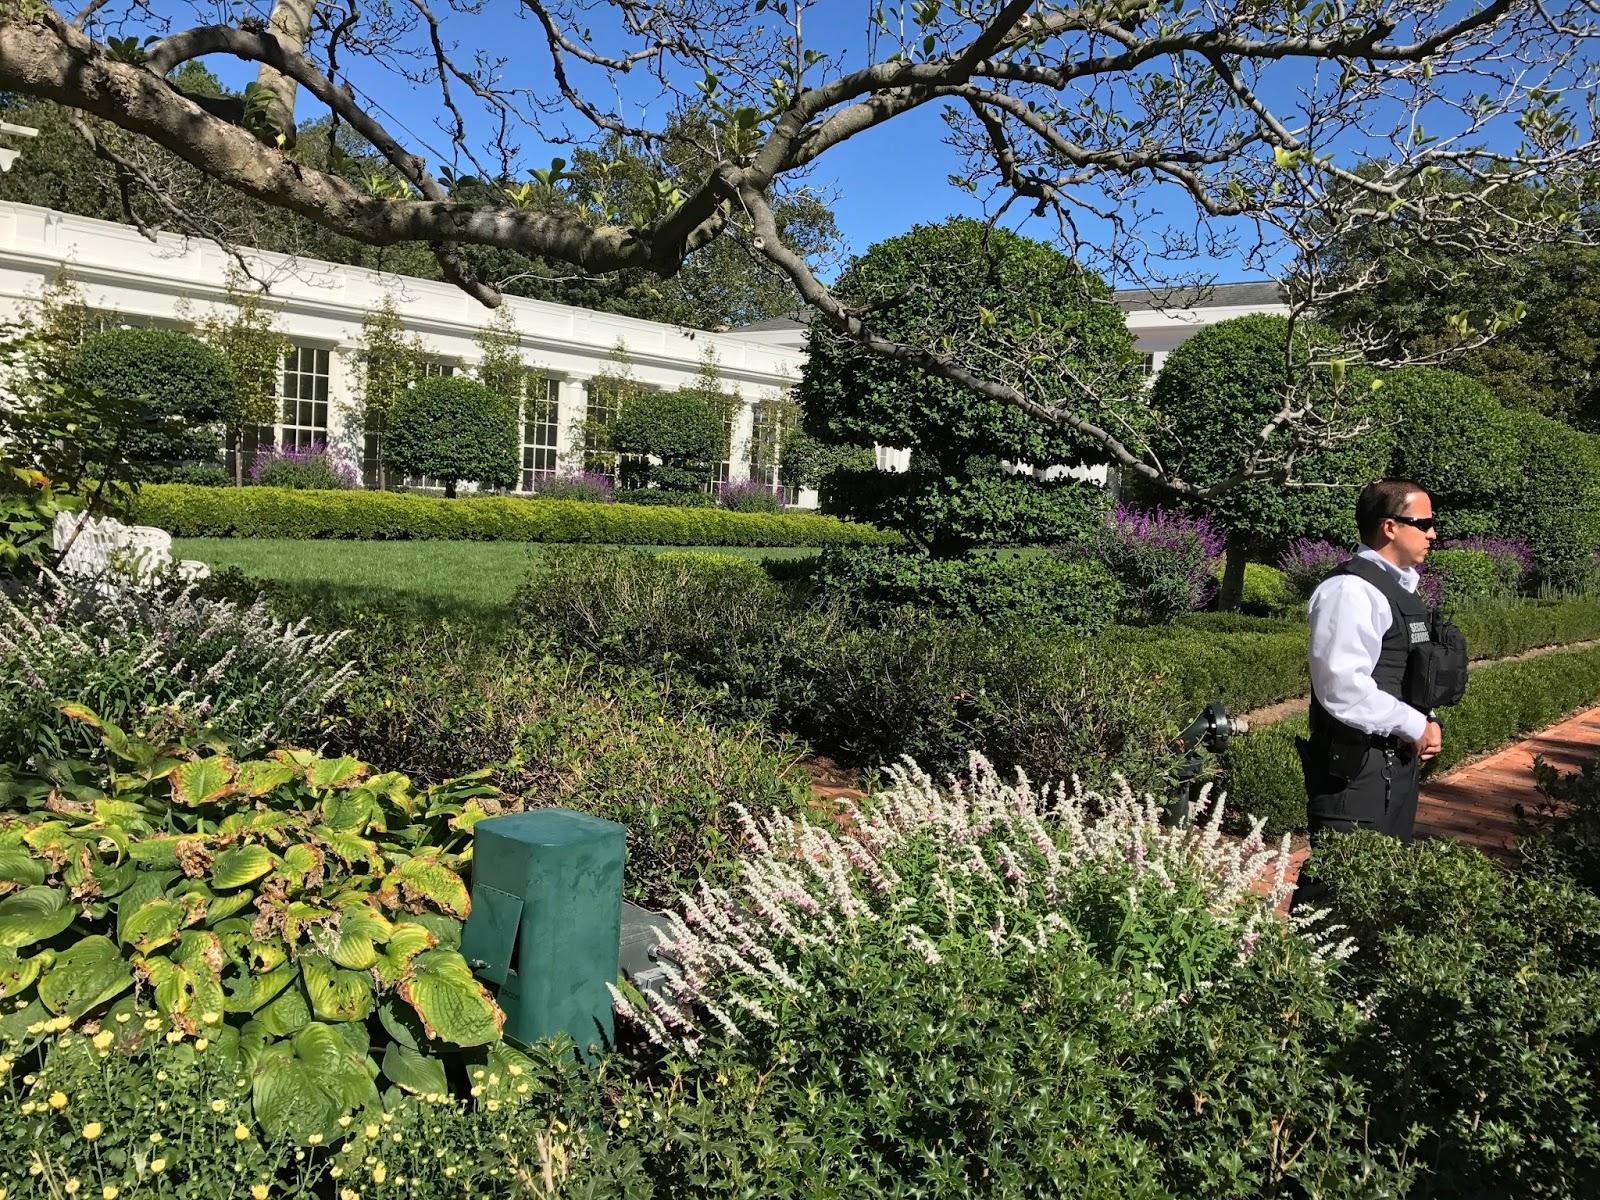 2 Dudes Who Love Food: The White House Kitchen Garden, Washington, D.C.